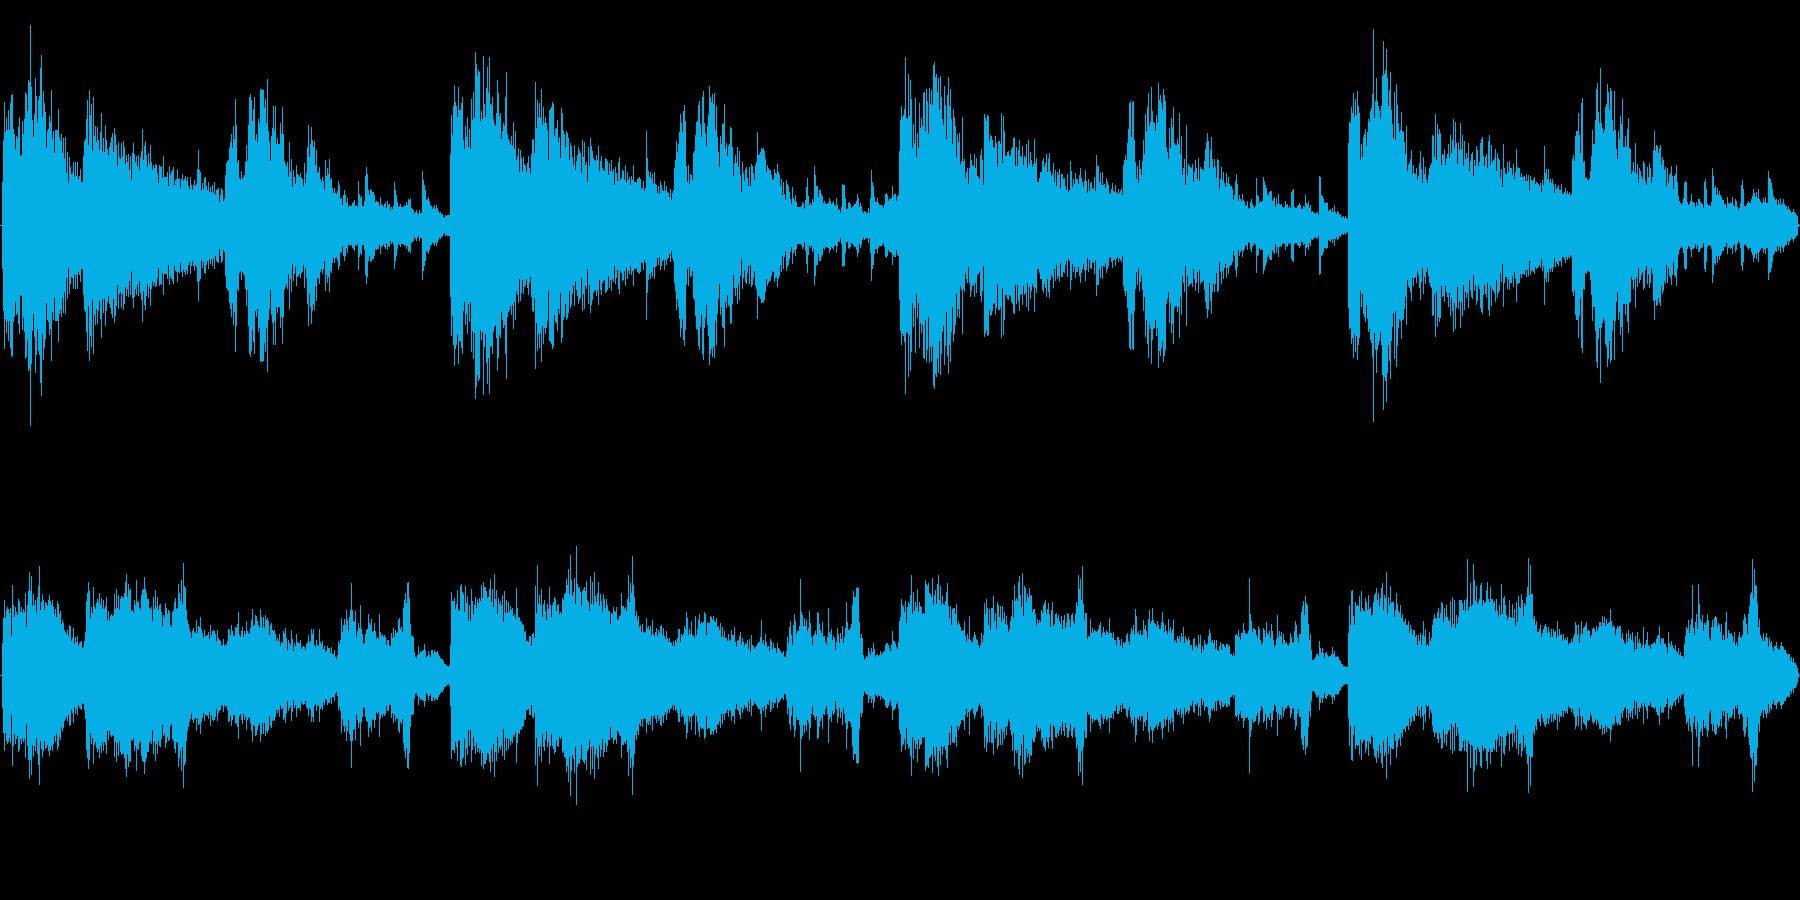 サンプリングボイスを用いたループテクノの再生済みの波形